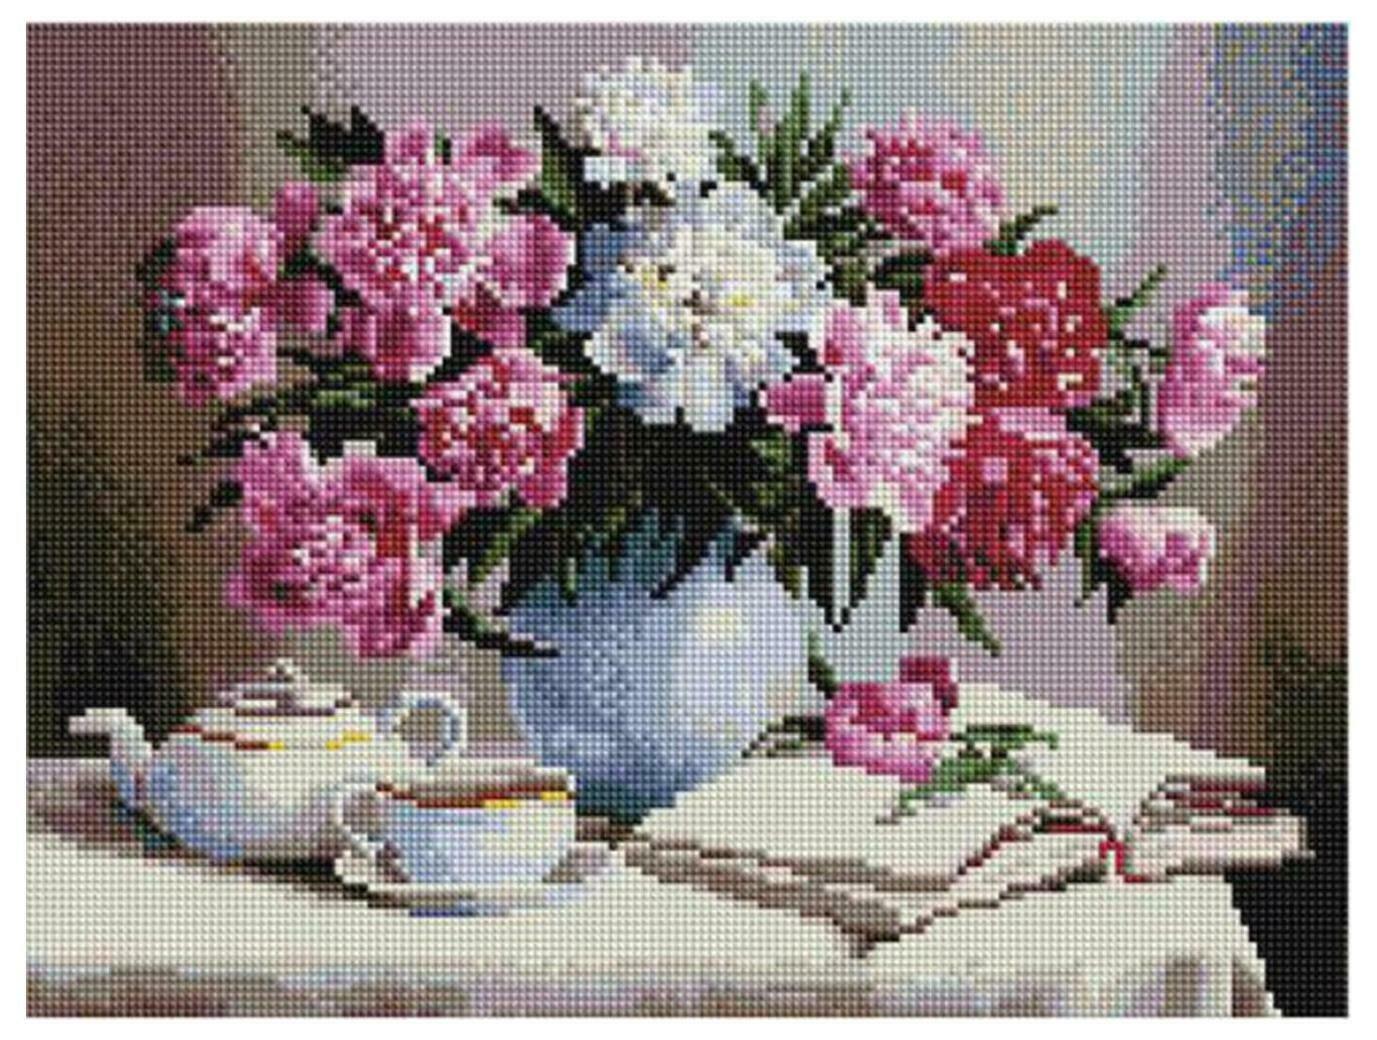 Алмазная мозаика Paintboy ACPK 79013 Вечерний (Воробьёва Ольга) 30*40